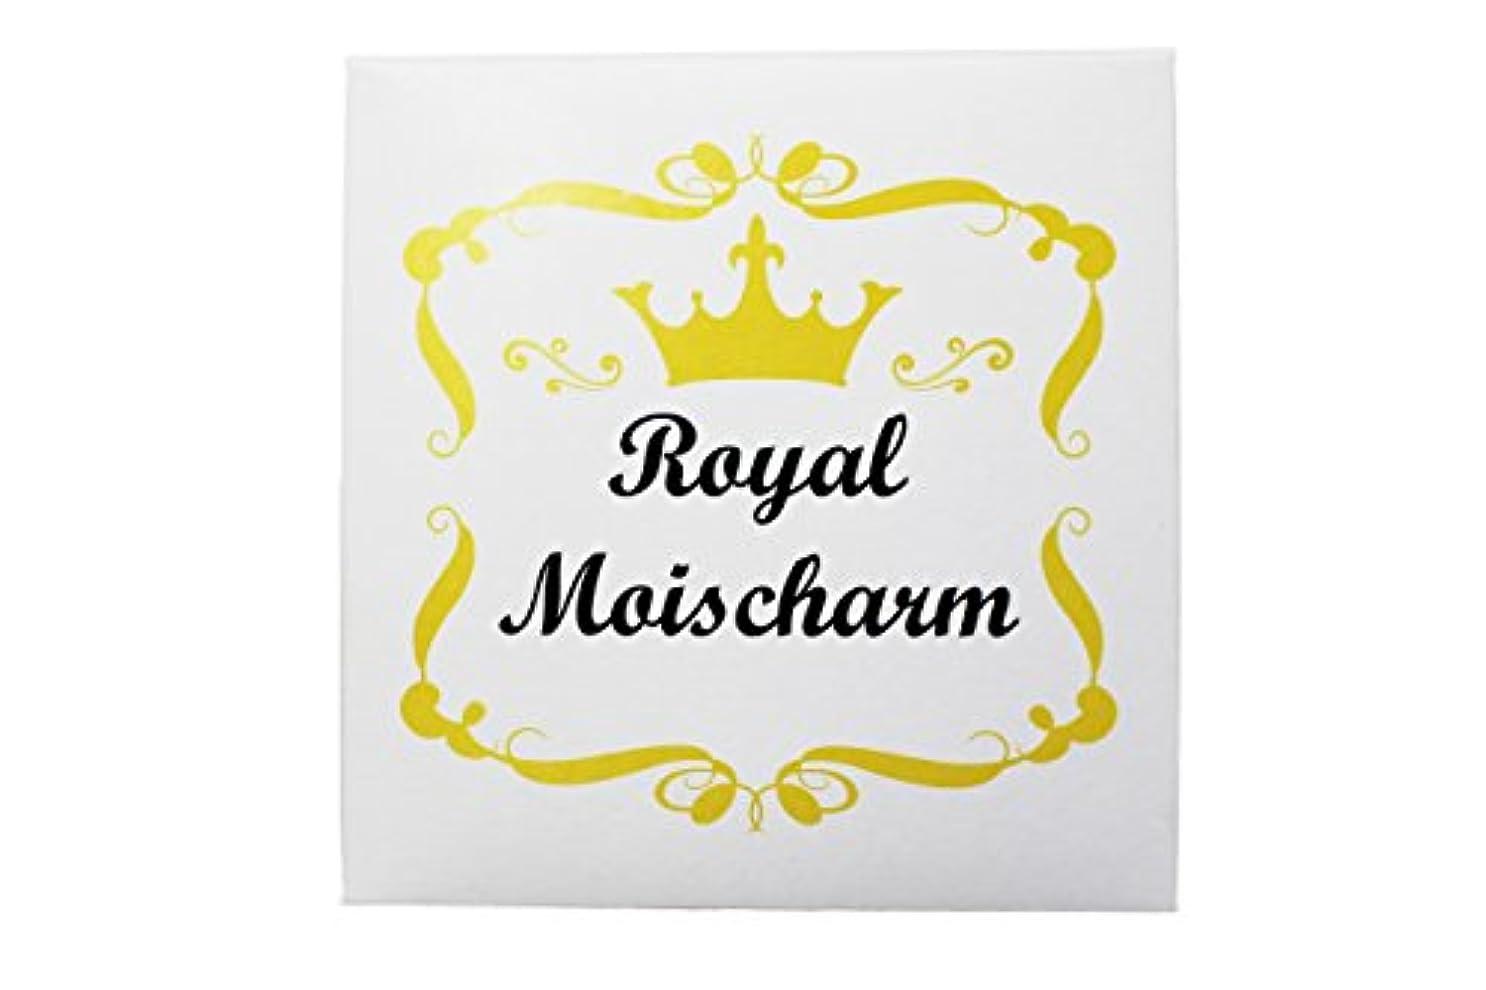 設計図自分の力ですべてをする衝突するロイヤルモイスチャーム Royal Moischarm [美白 石鹸]